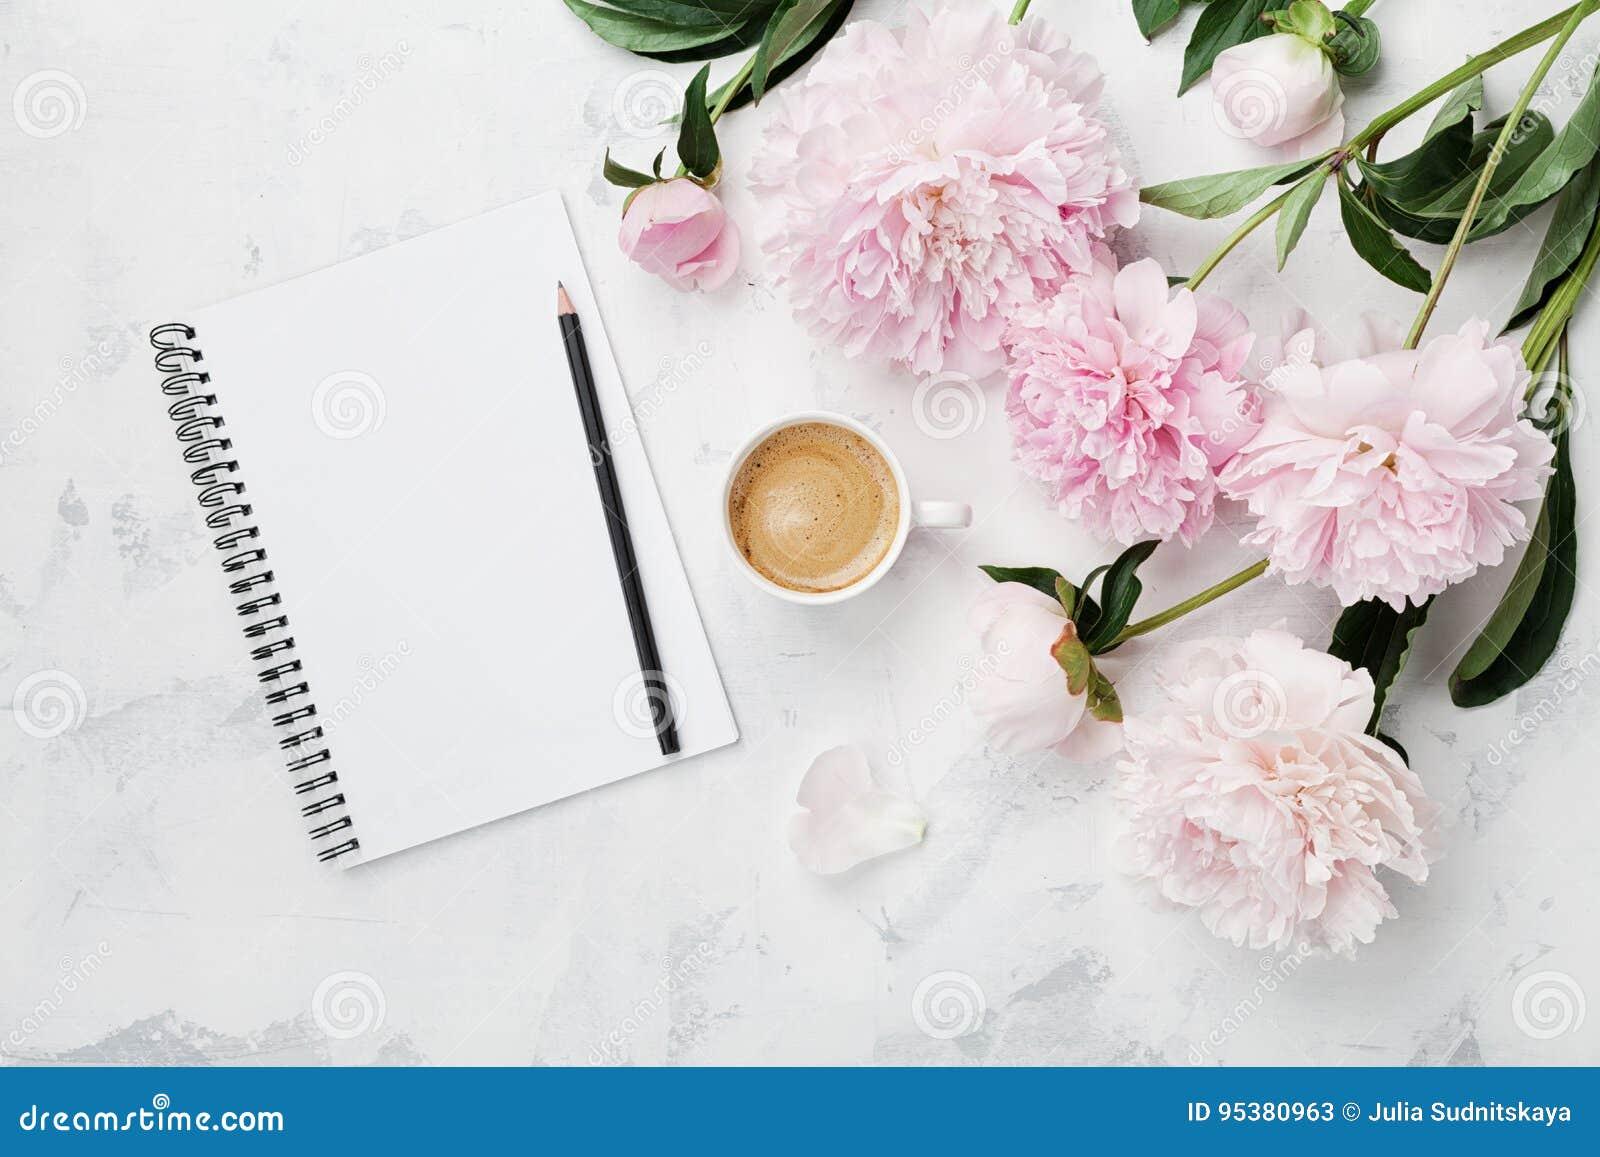 La taza de café de la mañana para el desayuno, el cuaderno vacío, el lápiz y la peonía rosada florece en la opinión de sobremesa